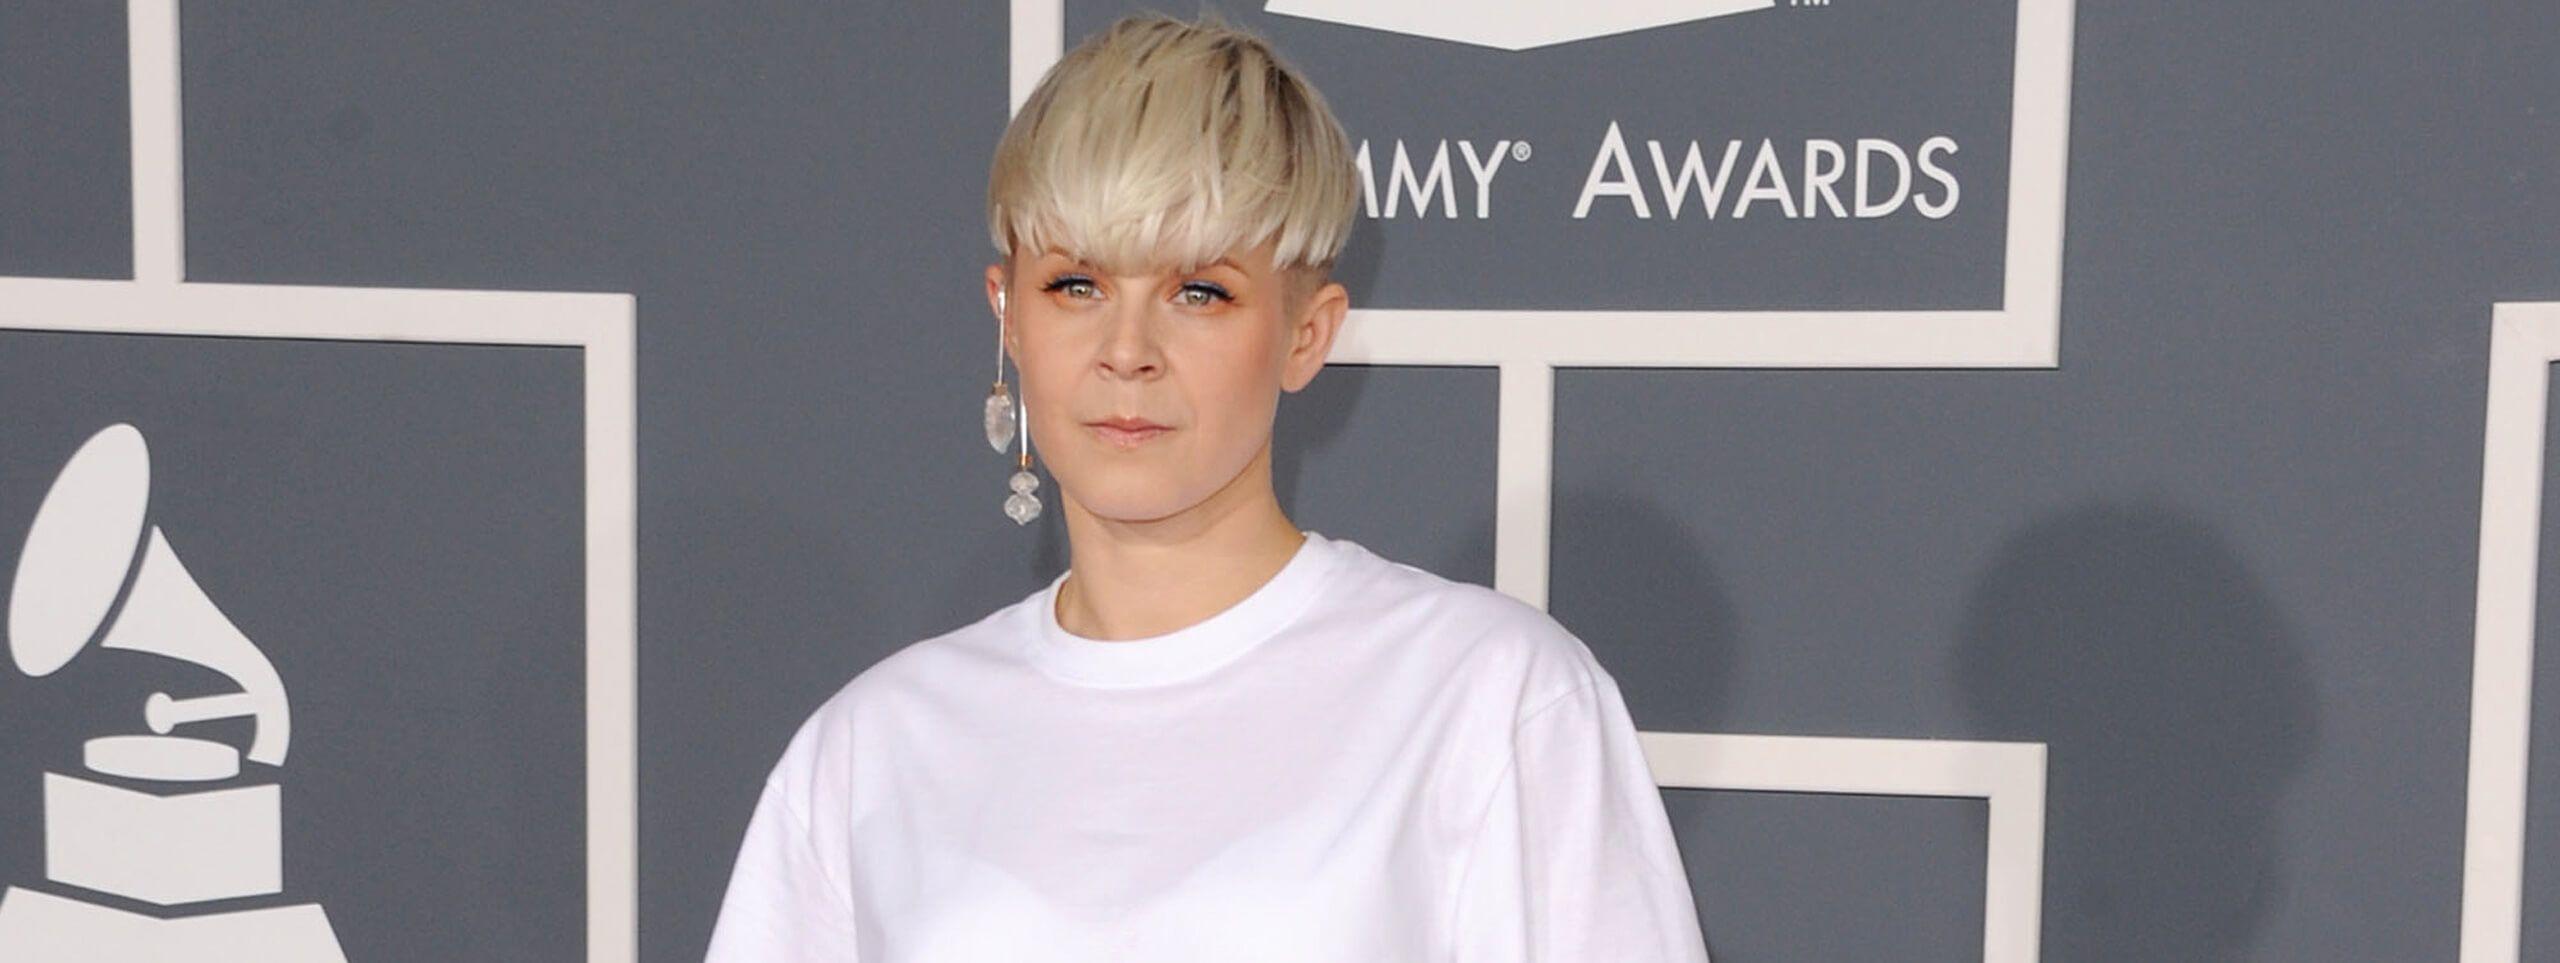 Piosenkarka Robyn z krótkimi blond włosami